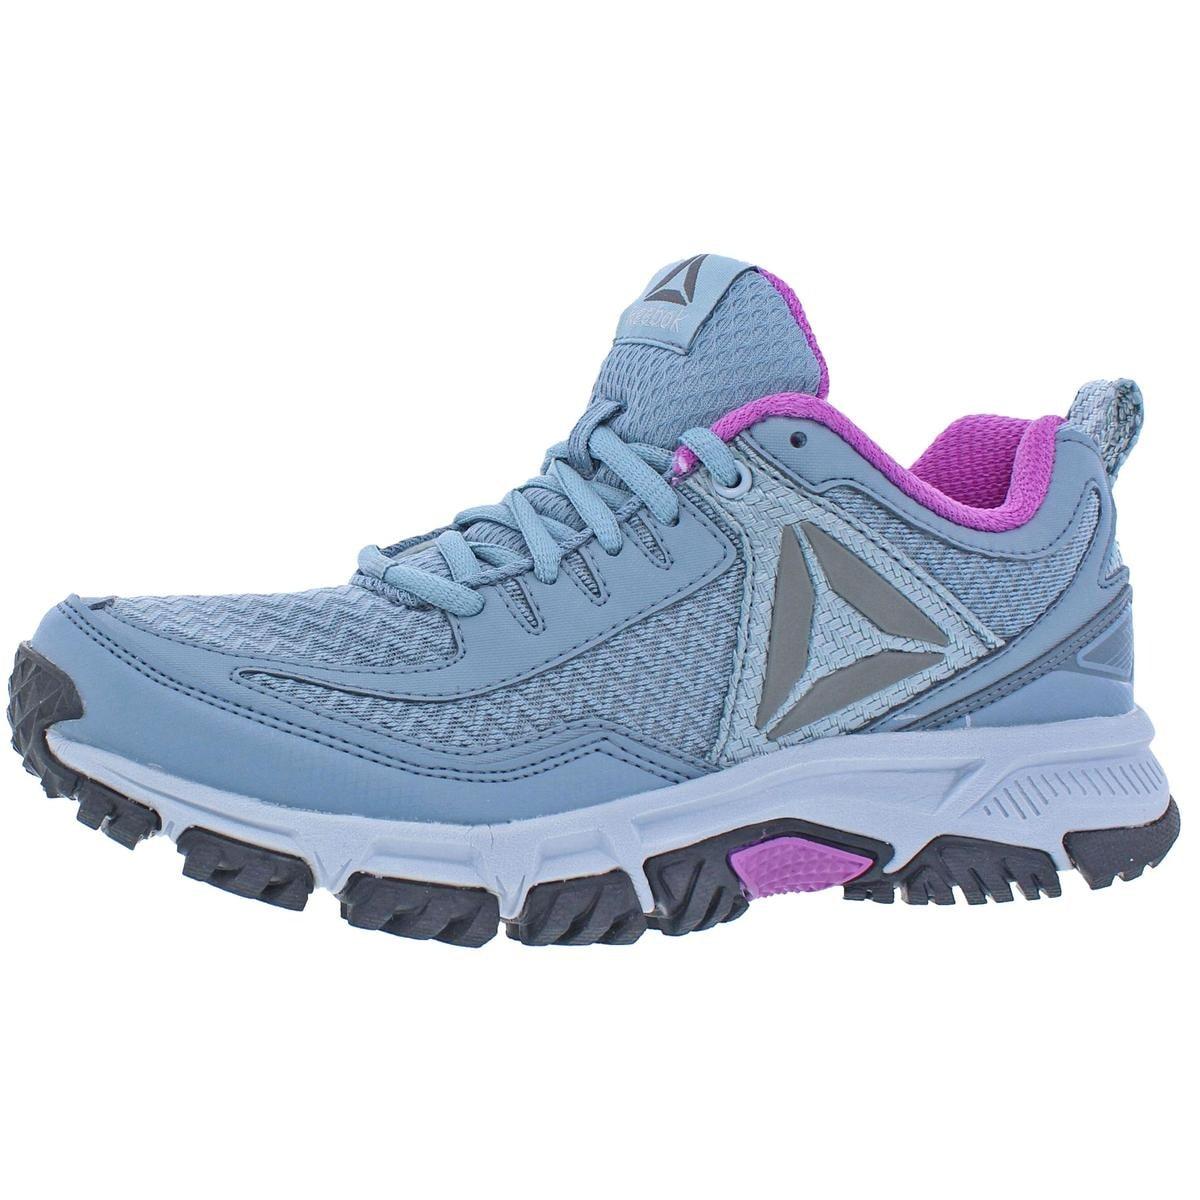 80a2e2332674 Shop Reebok Womens Ridgerider Trail 2.0 Trail Running Shoes EVA ...